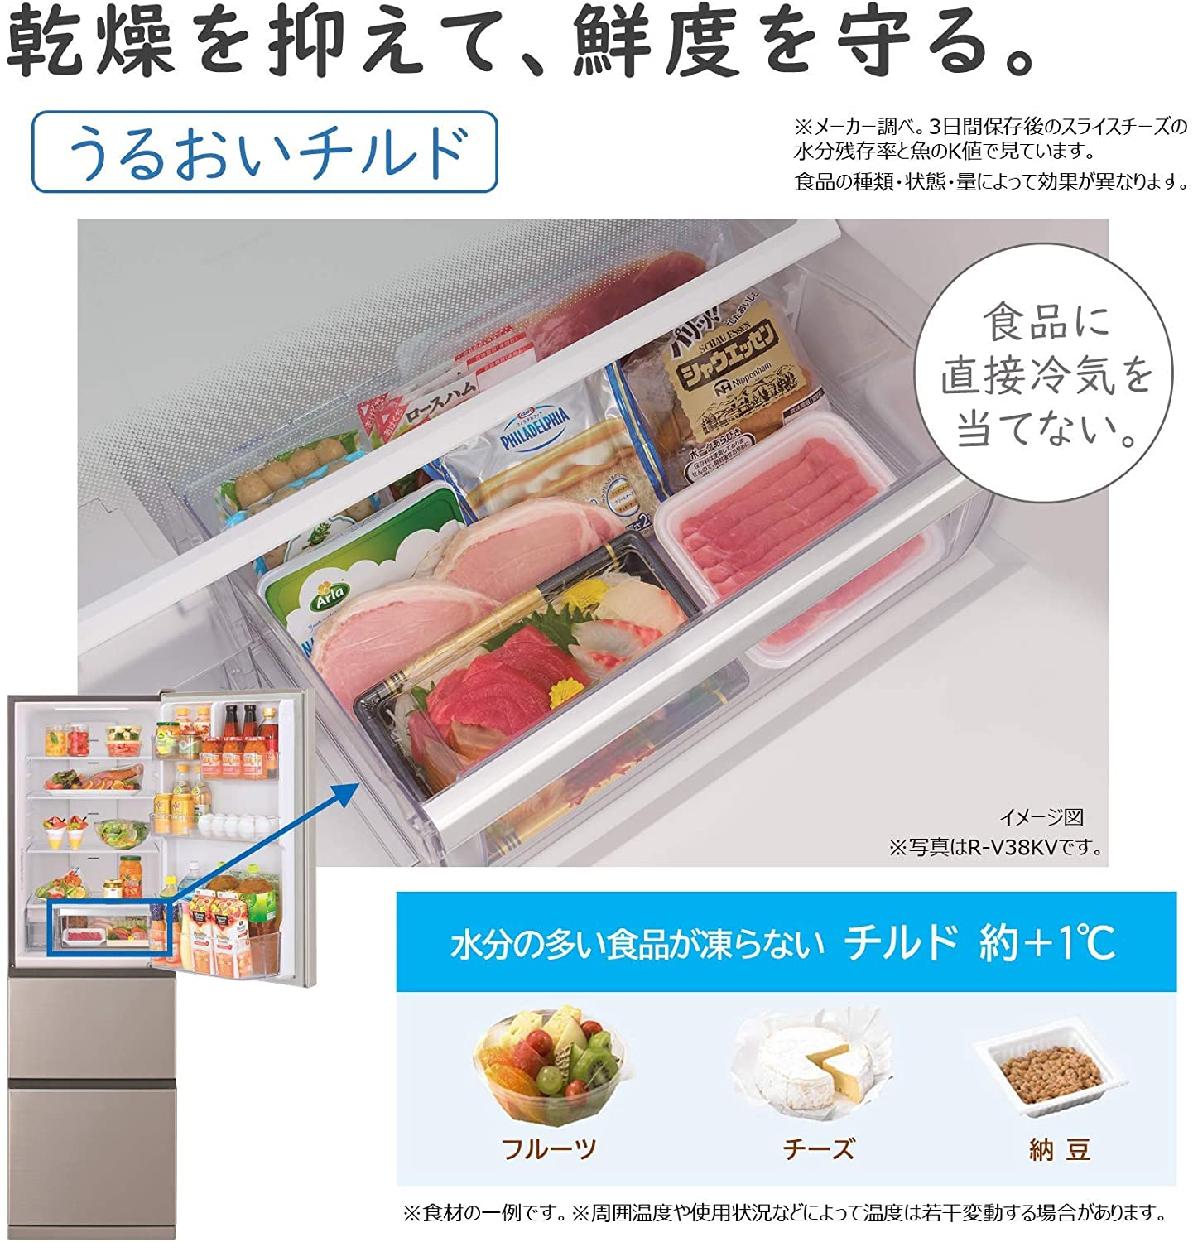 日立(ひたち)片開き3ドア Vタイプ/まんなか野菜 R-V32KVの商品画像3